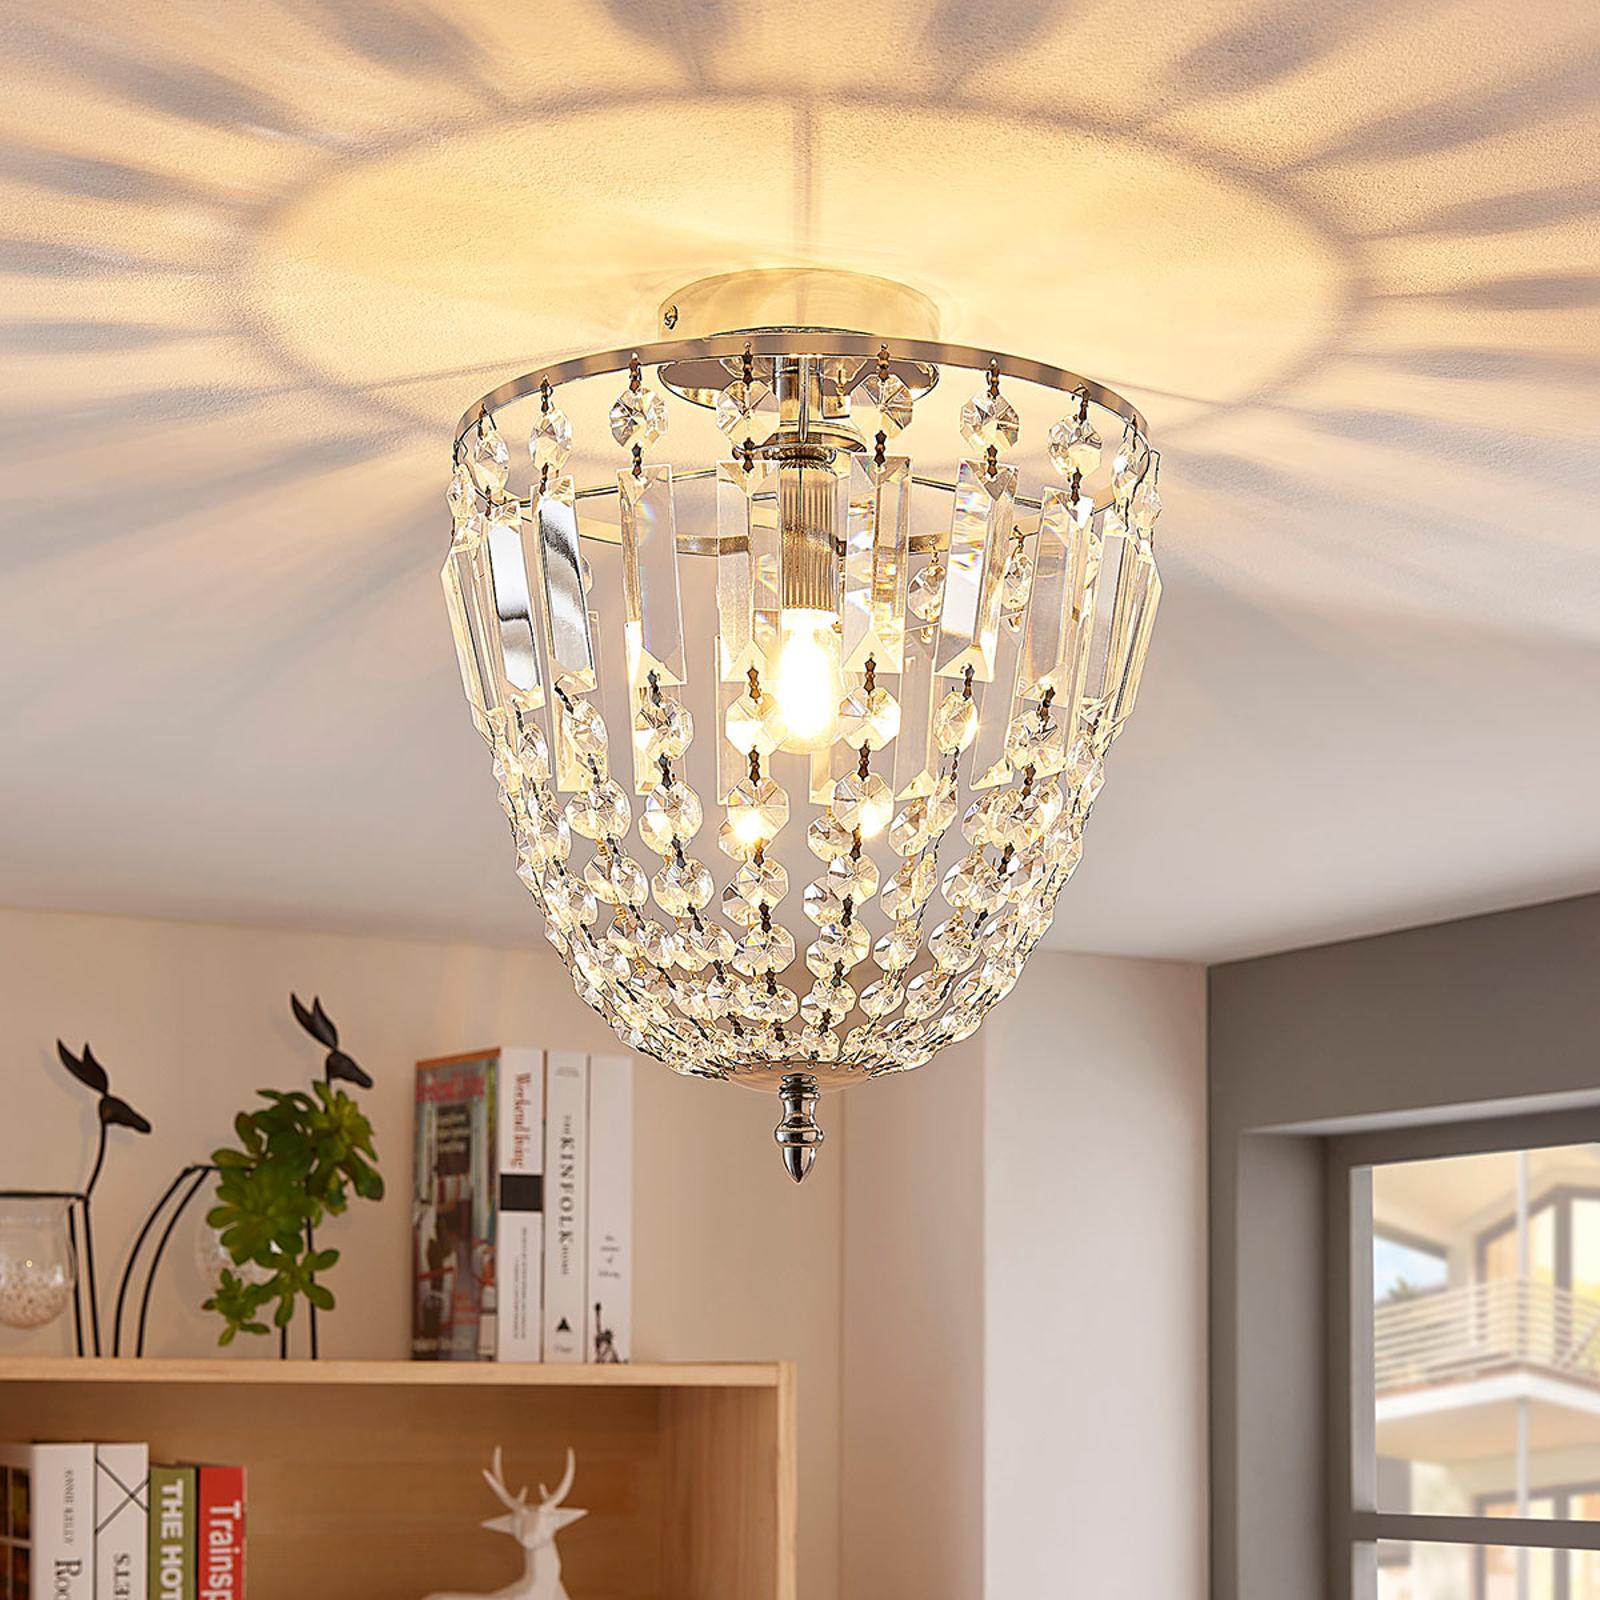 Lampa sufitowa Lionello, szklane kryształy